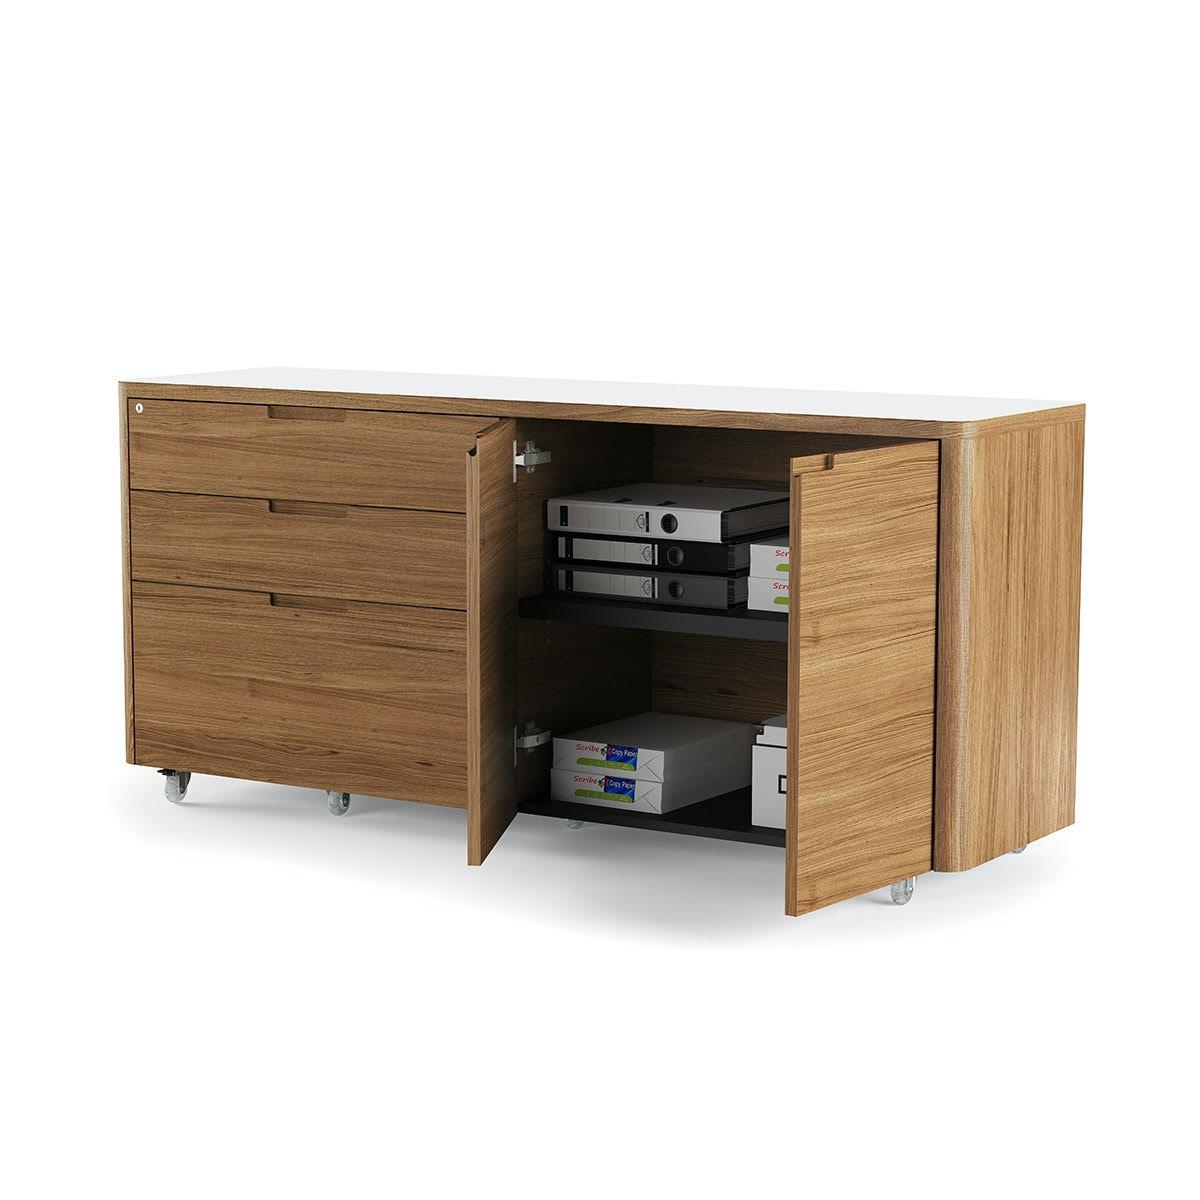 Office Credenza Perth : Bdi home office kronos mobile credenza sw wl upper